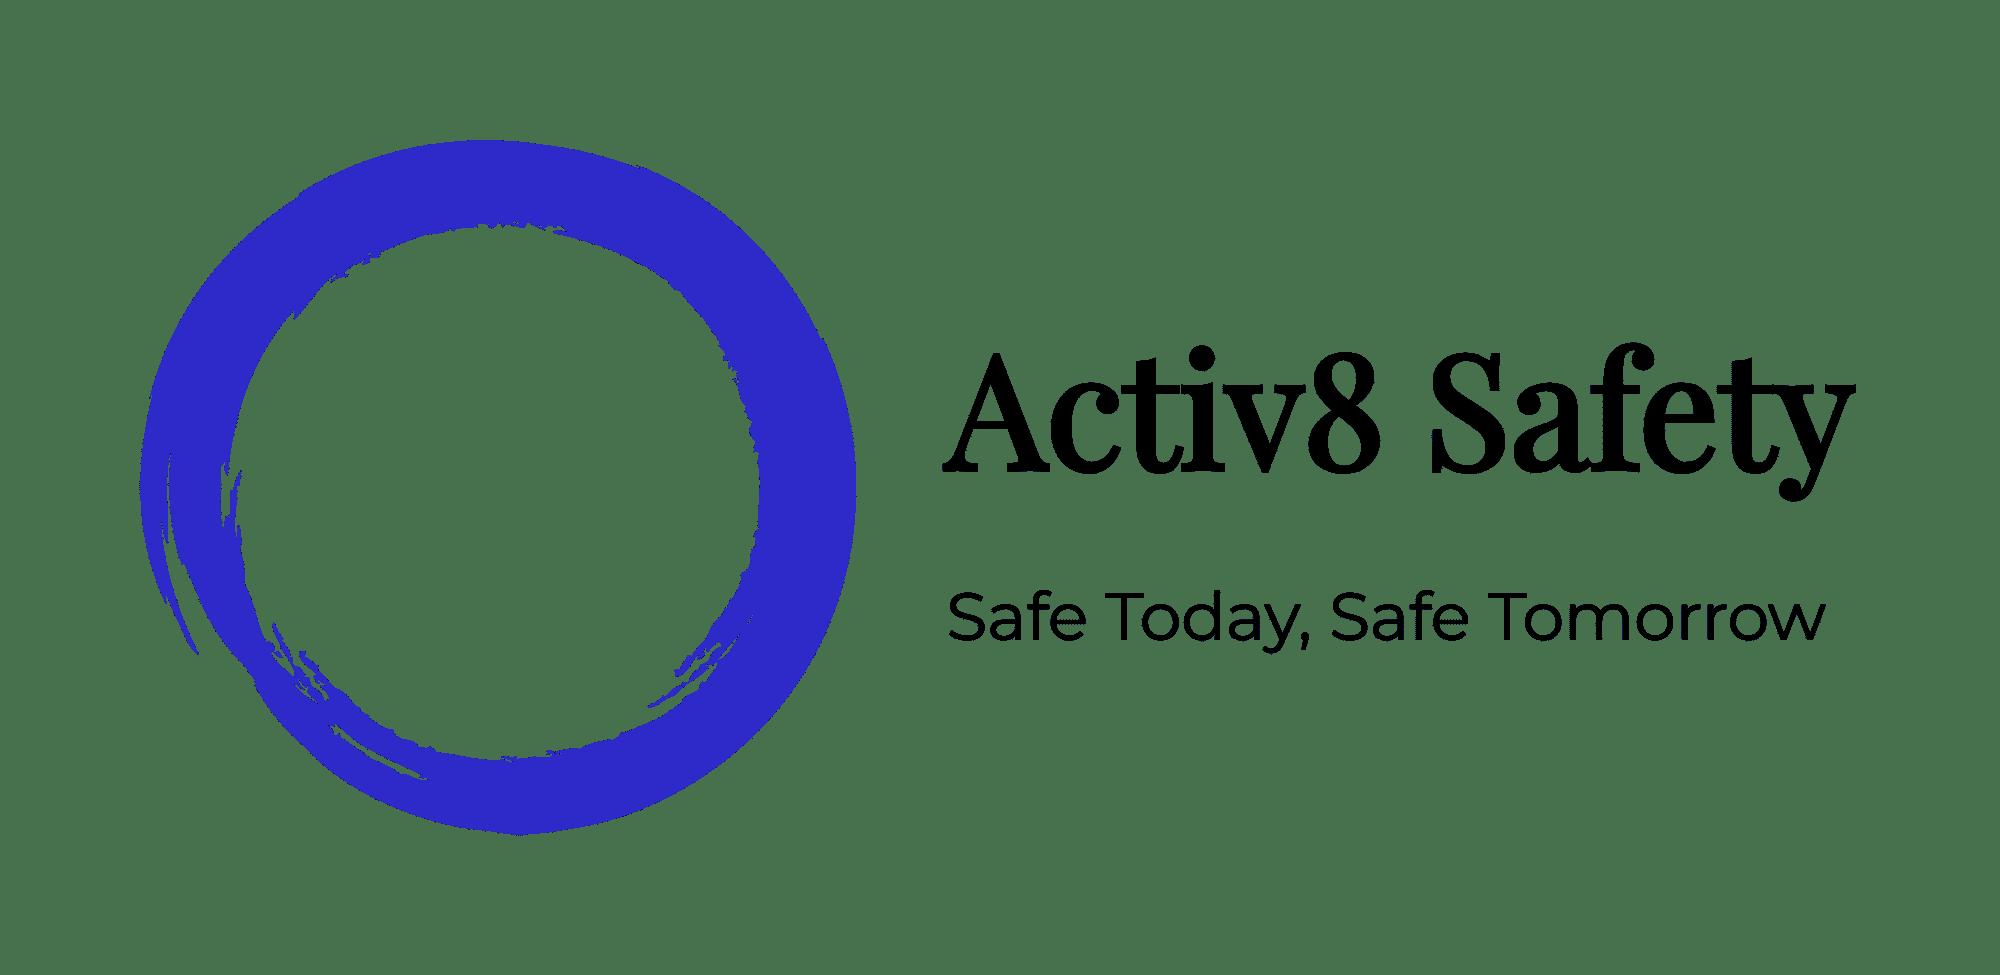 Activ8 Safety Pty Ltd